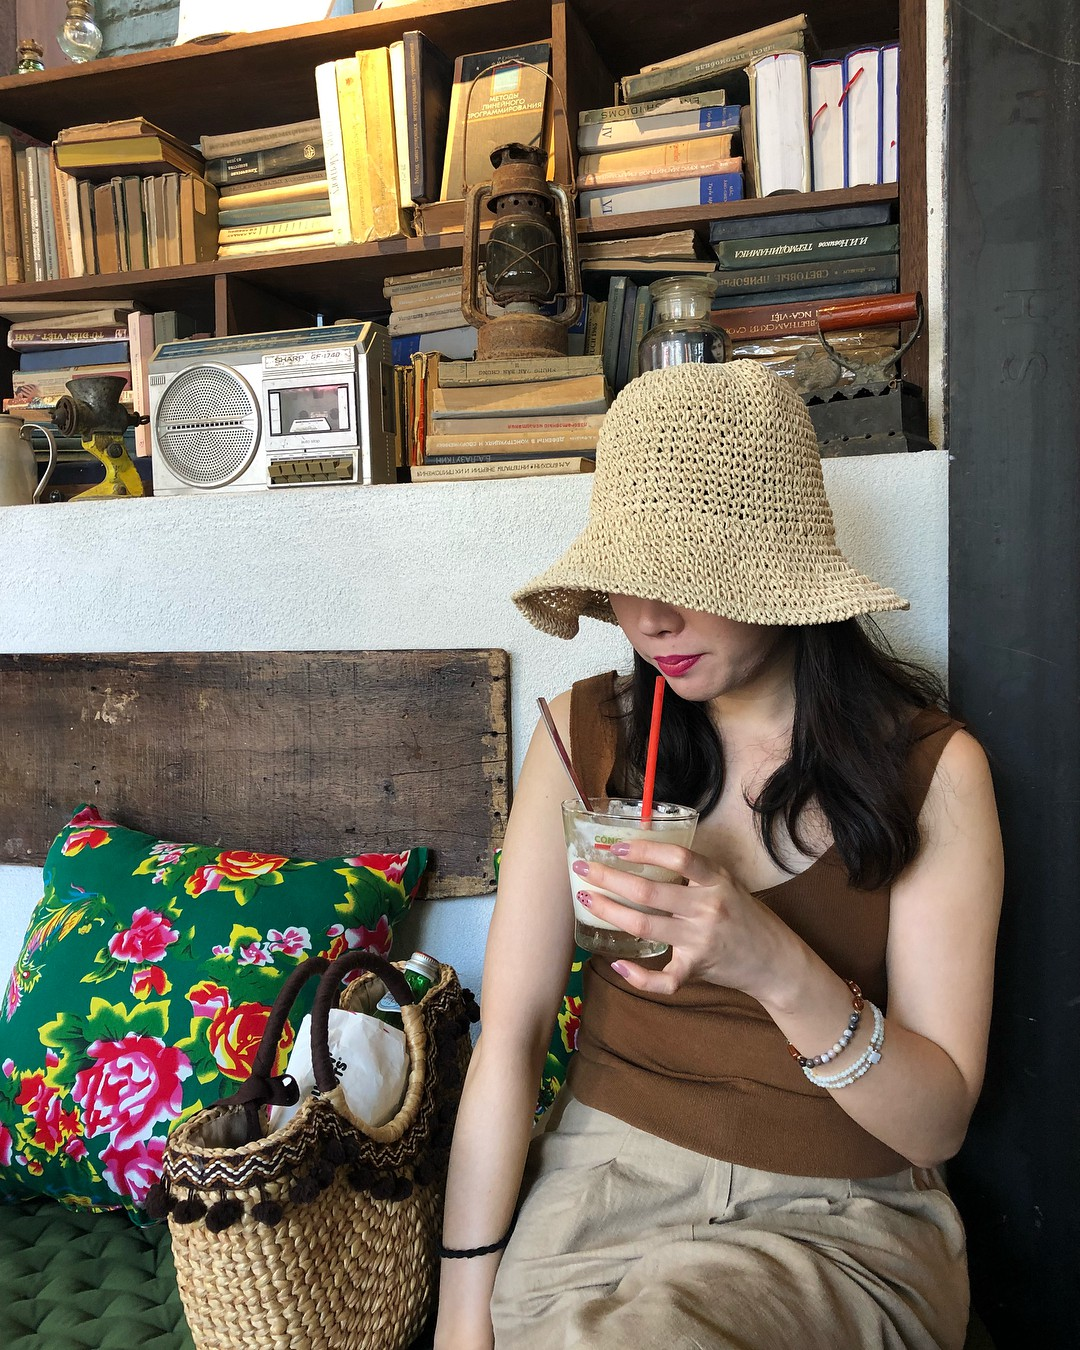 Trai xinh gái đẹp Seoul nô nức check-in tại quán Cộng cà phê đầu tiên ở Hàn Quốc - Ảnh 13.